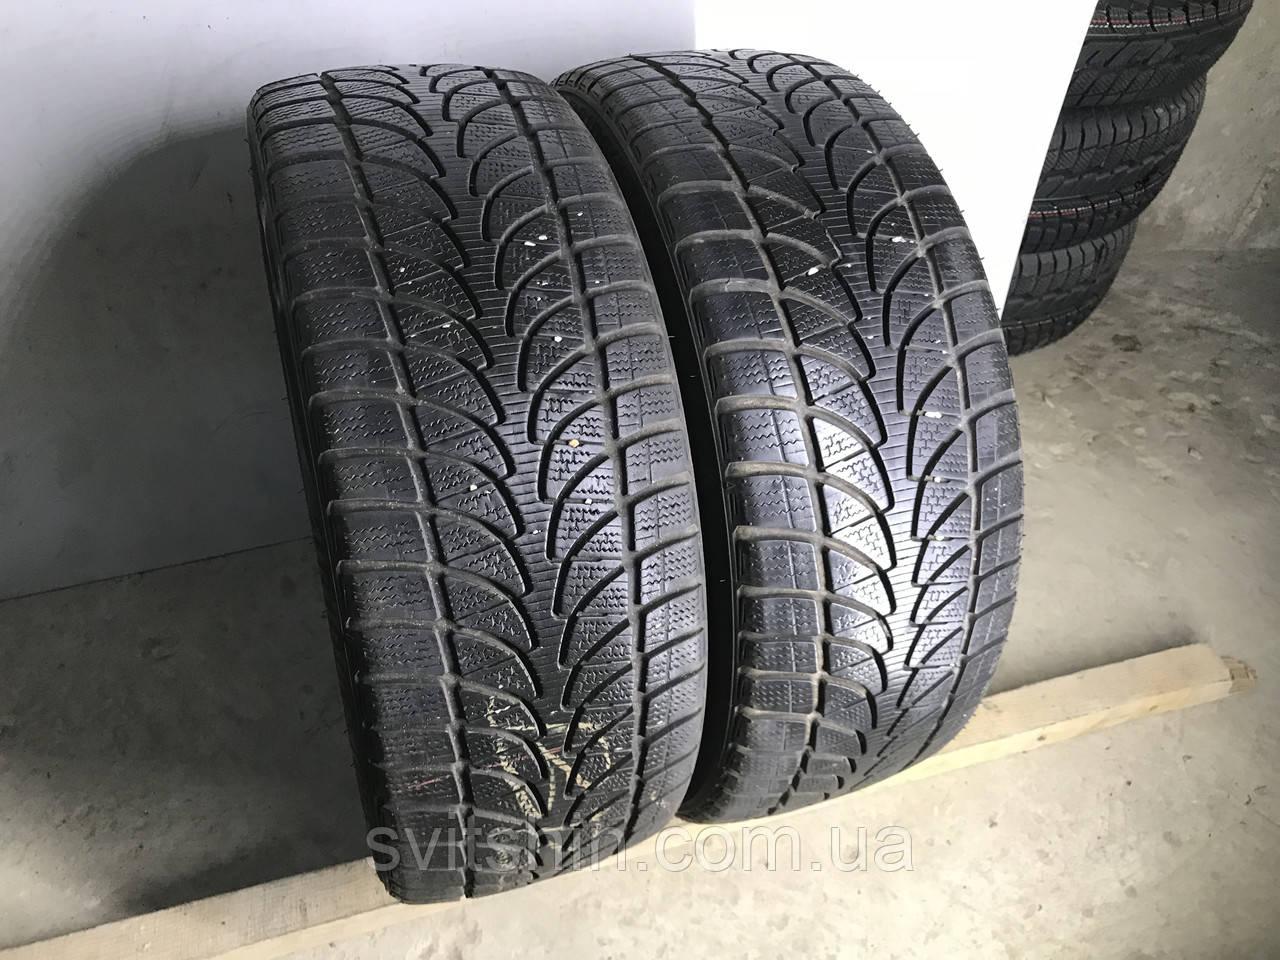 Шини бу зима 215/45R17 Bridgestone Blizzak LM-32 (2шт) 6,5 мм